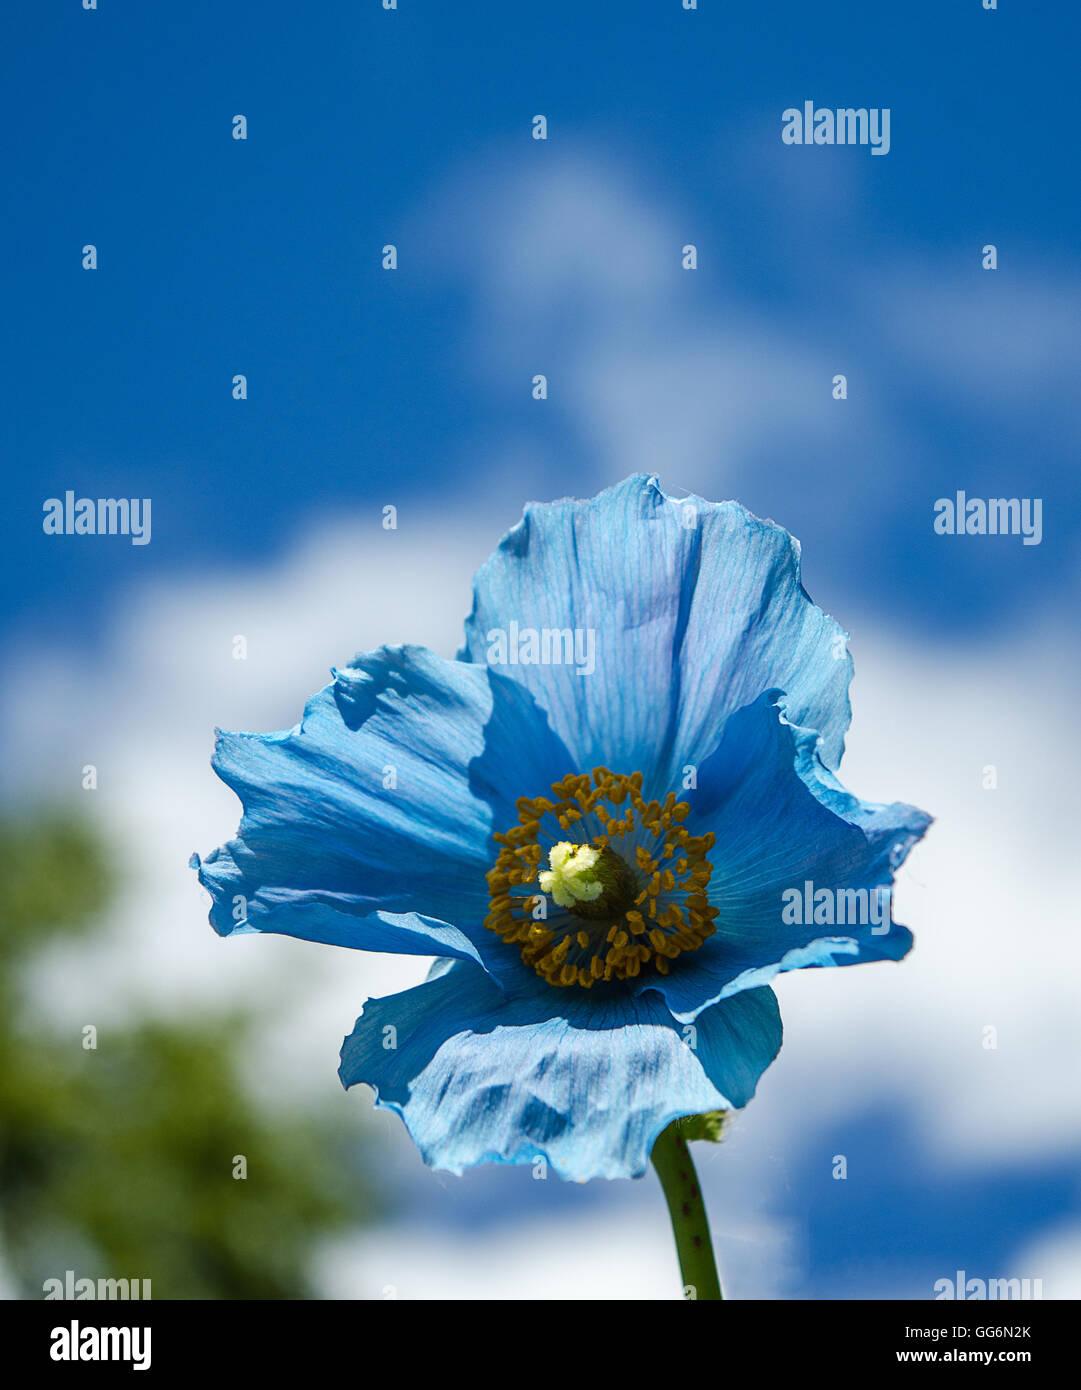 Le Rare Et Magnifique Pavot Bleu De L Himalaya En Fleur Contre Un